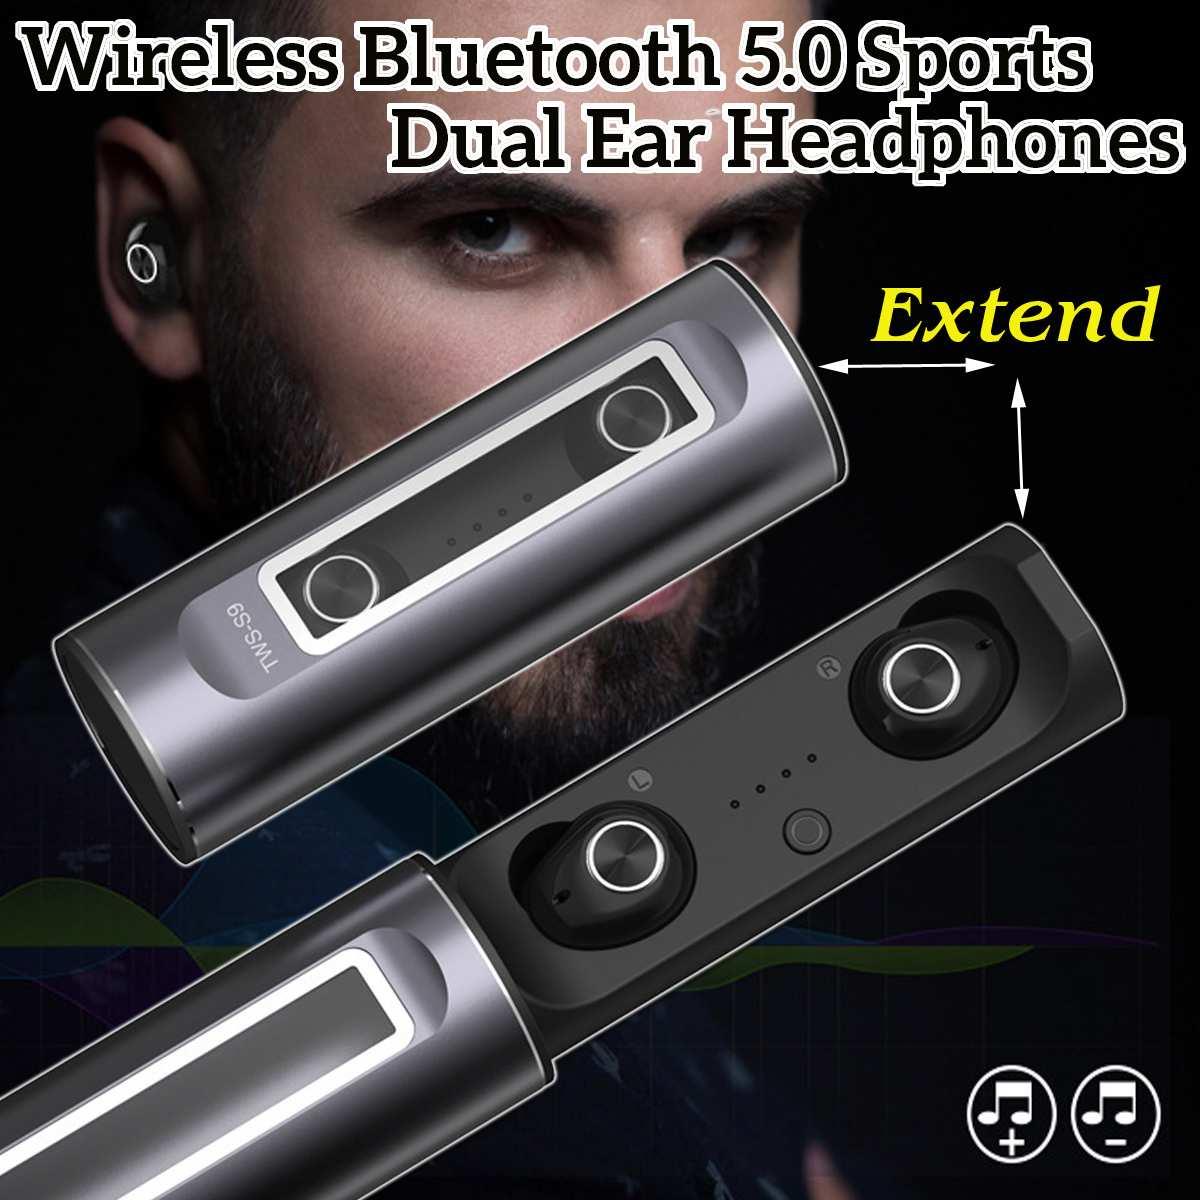 Auto in-Ear sans fil bluetooth 5.0 étanche sport double oreille suppression du bruit casque casque bilatéral stéréo confortable